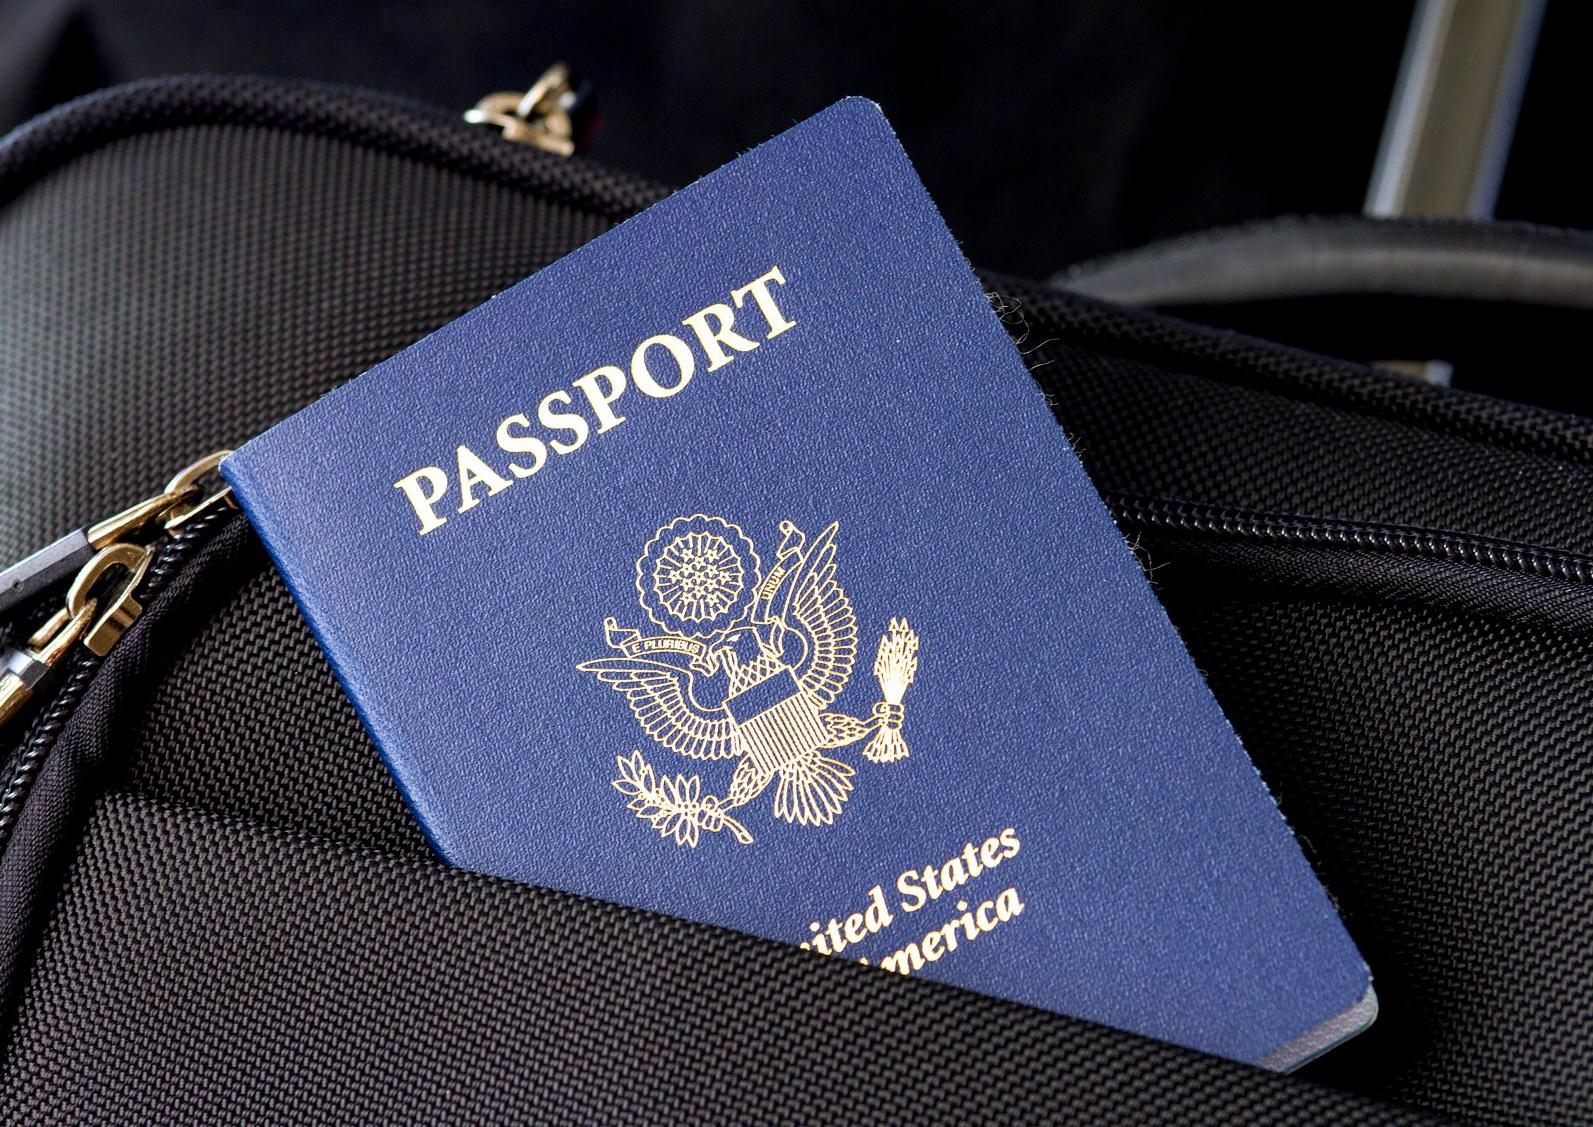 【解密】全球護照顏色有玄機?   免簽國數量   全球實力排行   2018亨氏護照指數   大紀元